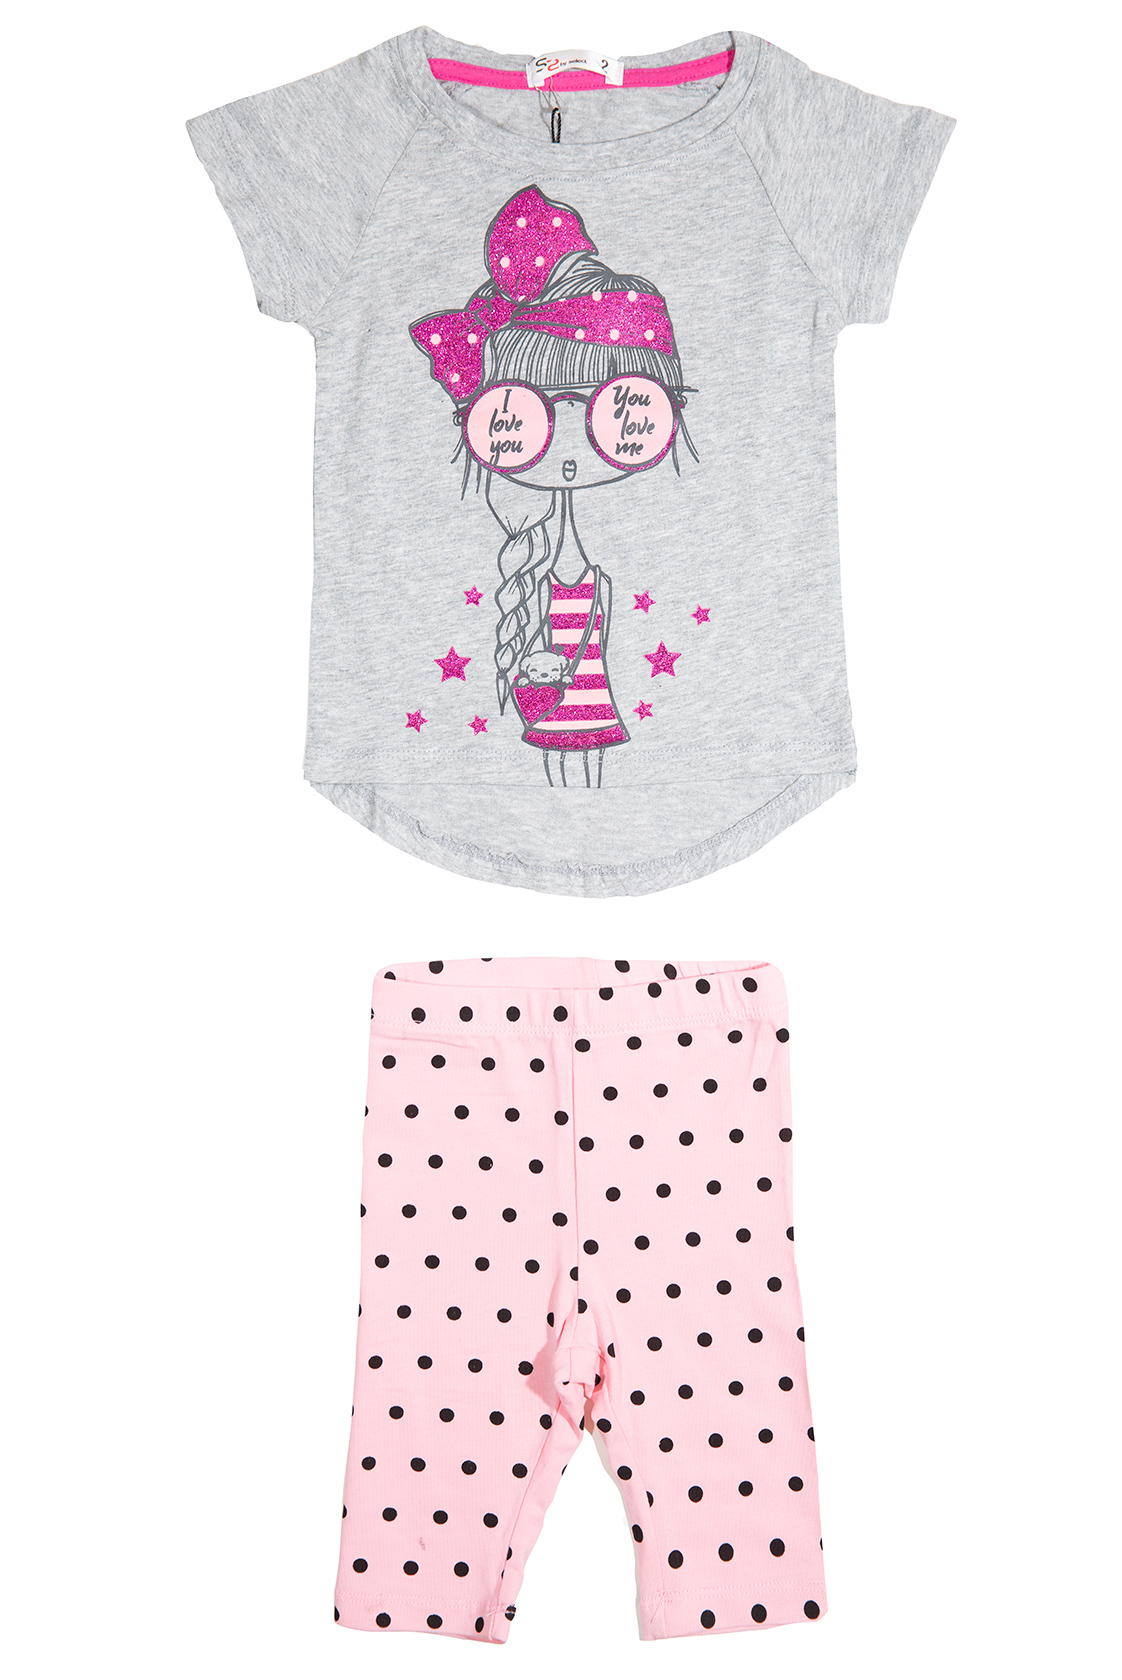 חליפה עם ציור ילדה חולצה אפורה